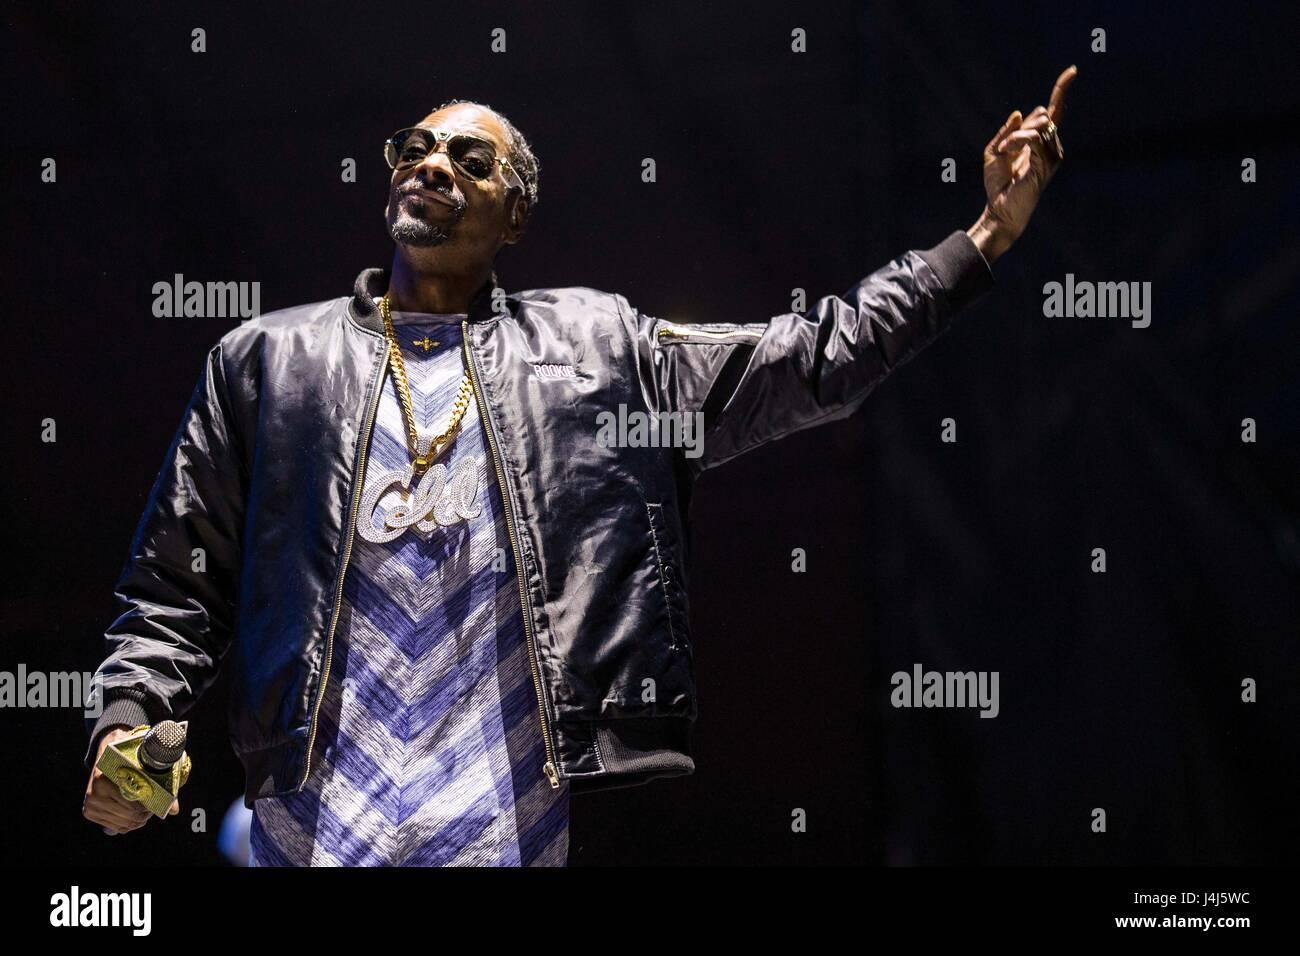 Snoop Dogg fonctionne à 2017 Beale Street Music Festival à Tom Lee Park à Memphis, au Tennessee, Photo Stock